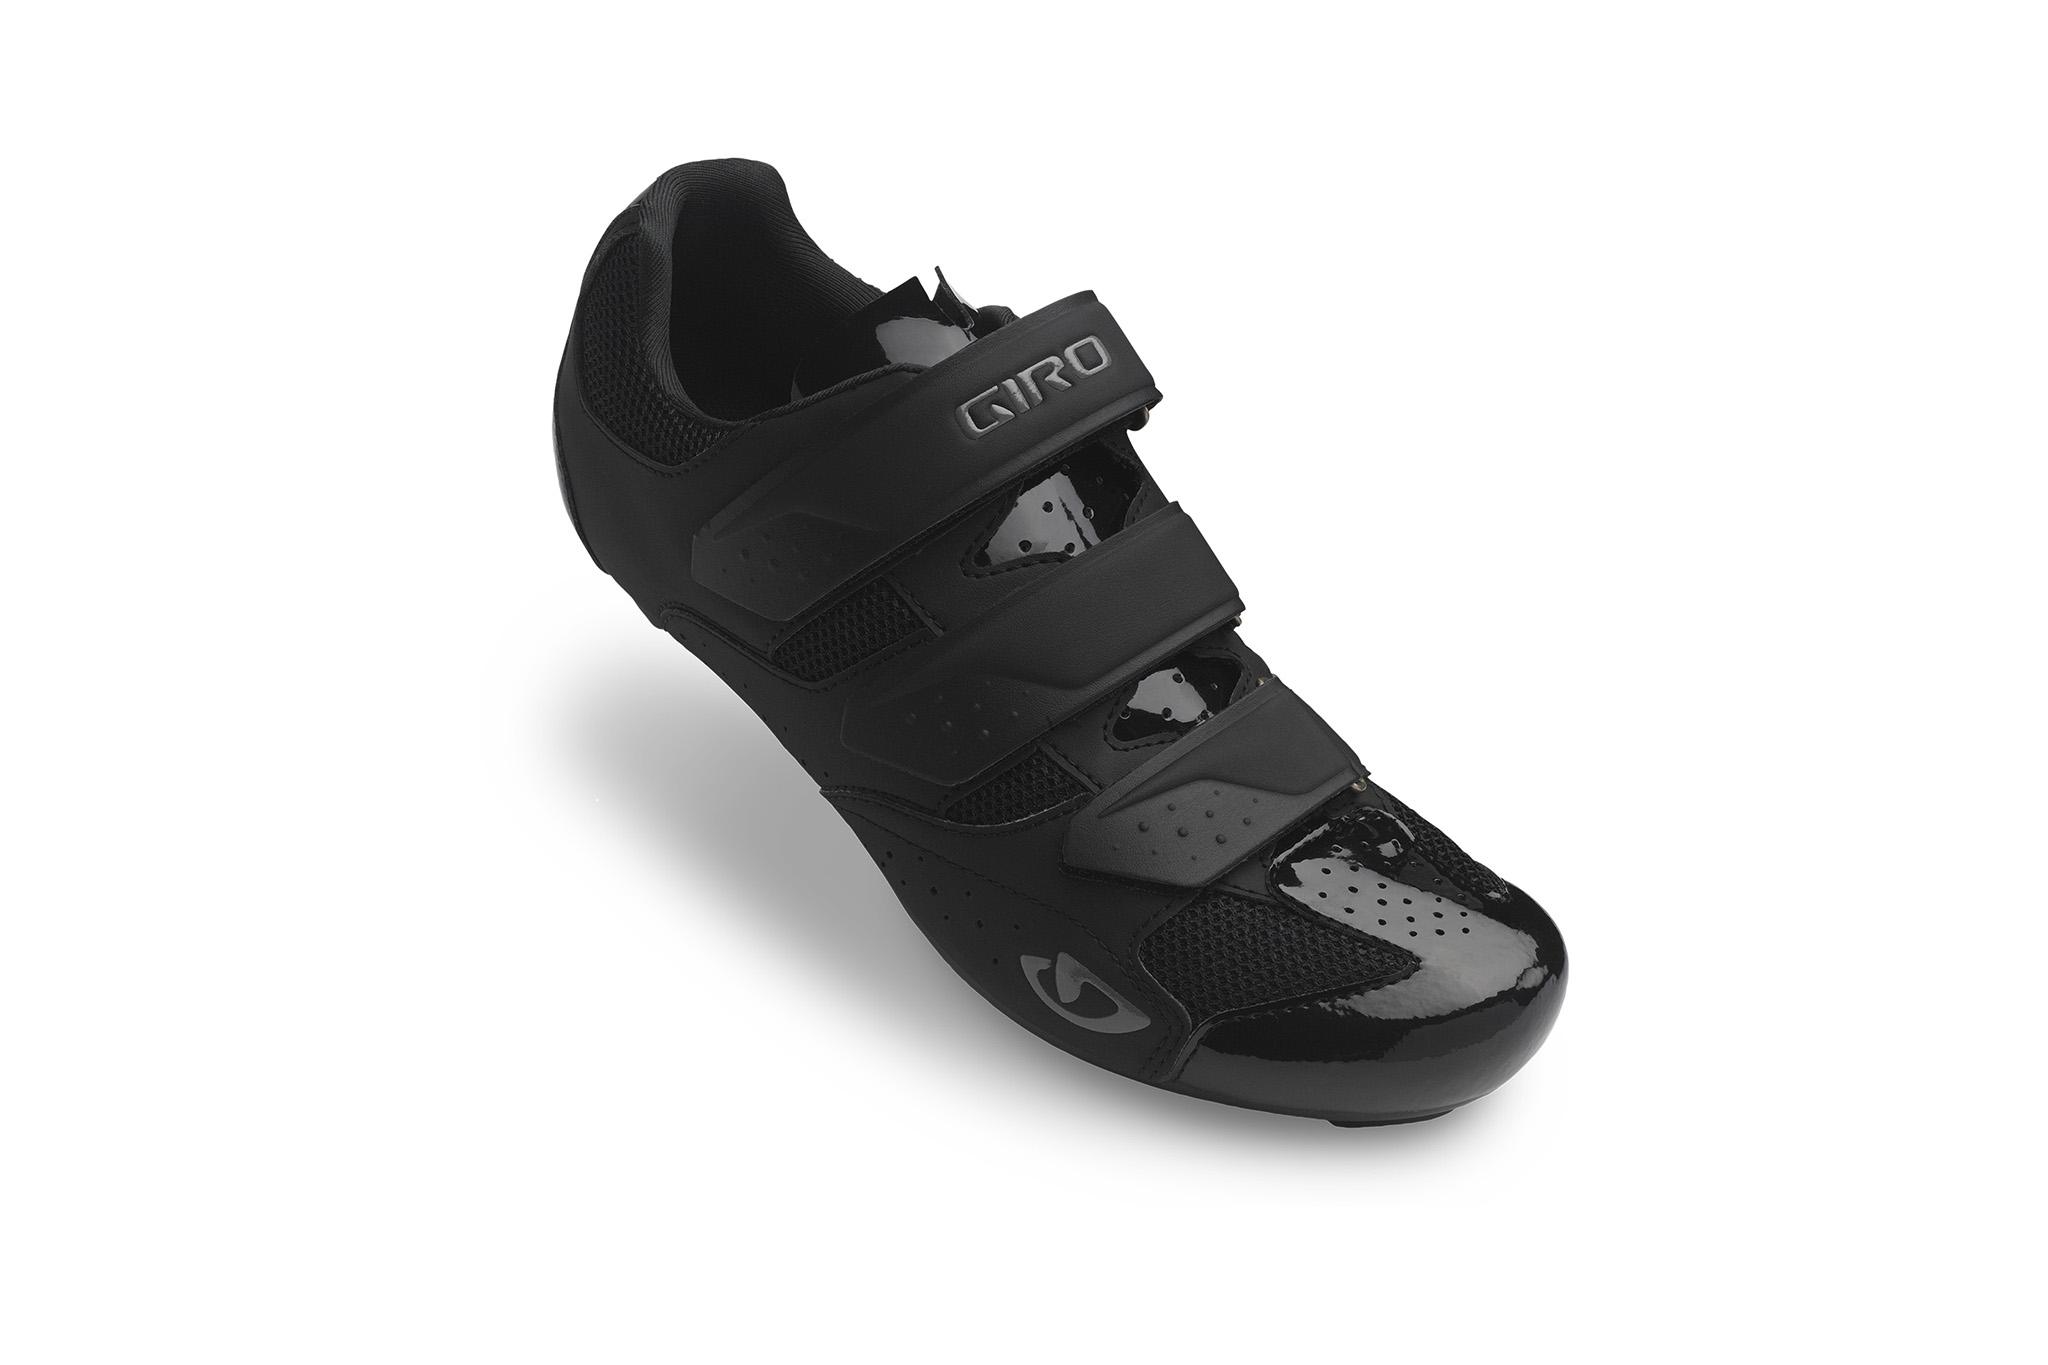 GIRO | TECHNE Road shoe